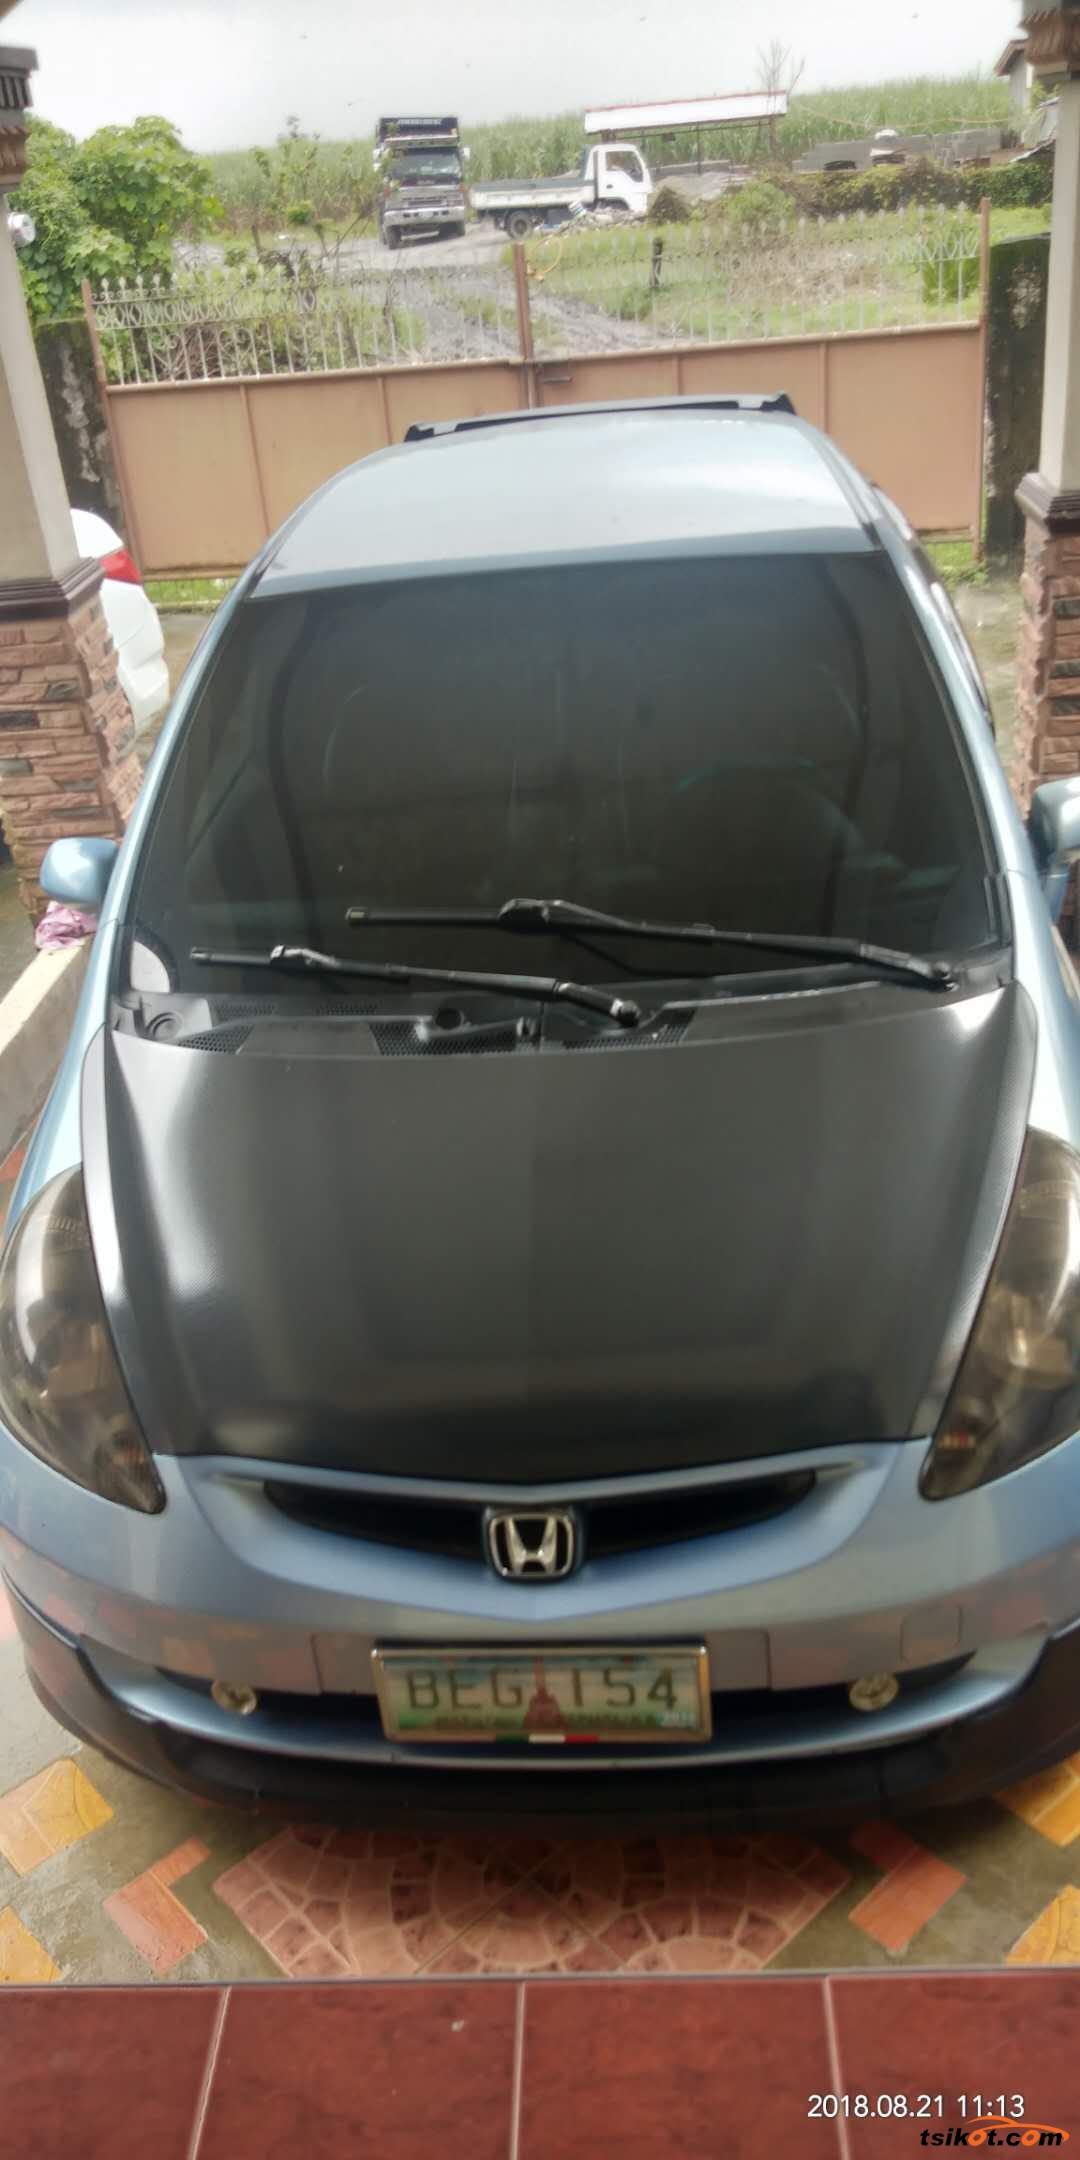 Honda Fit 2000 - 2